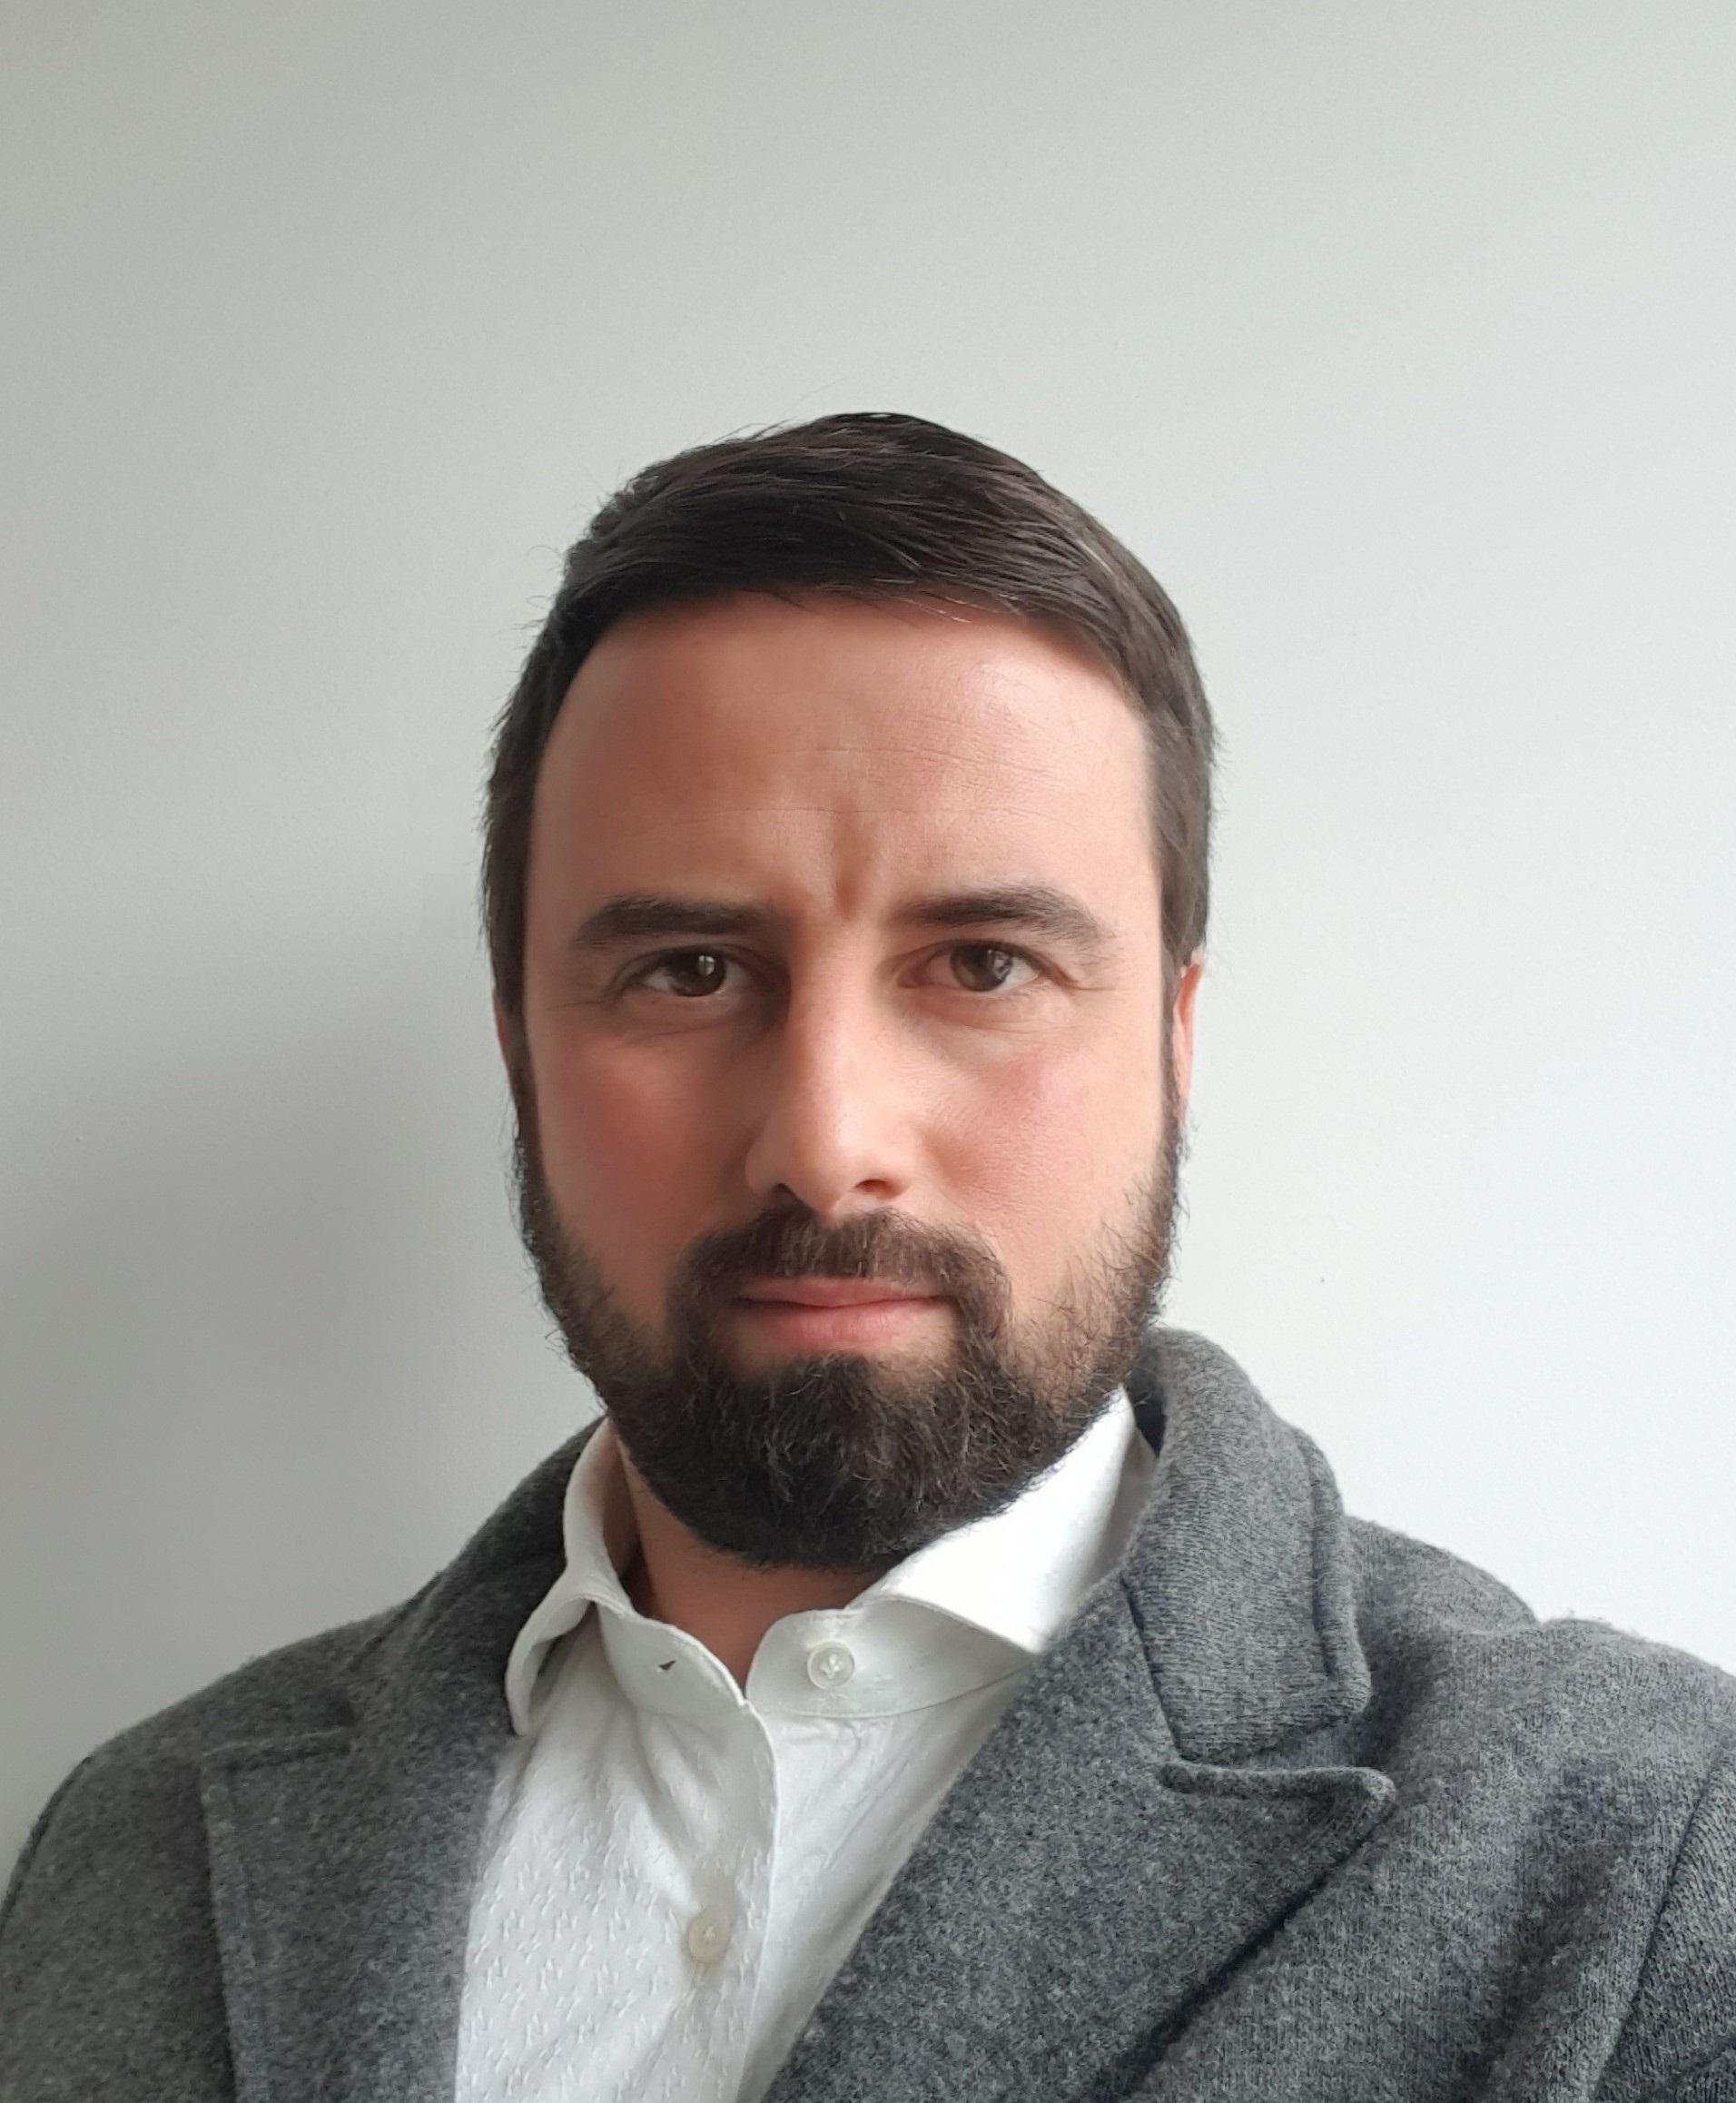 Matteo Andreotti